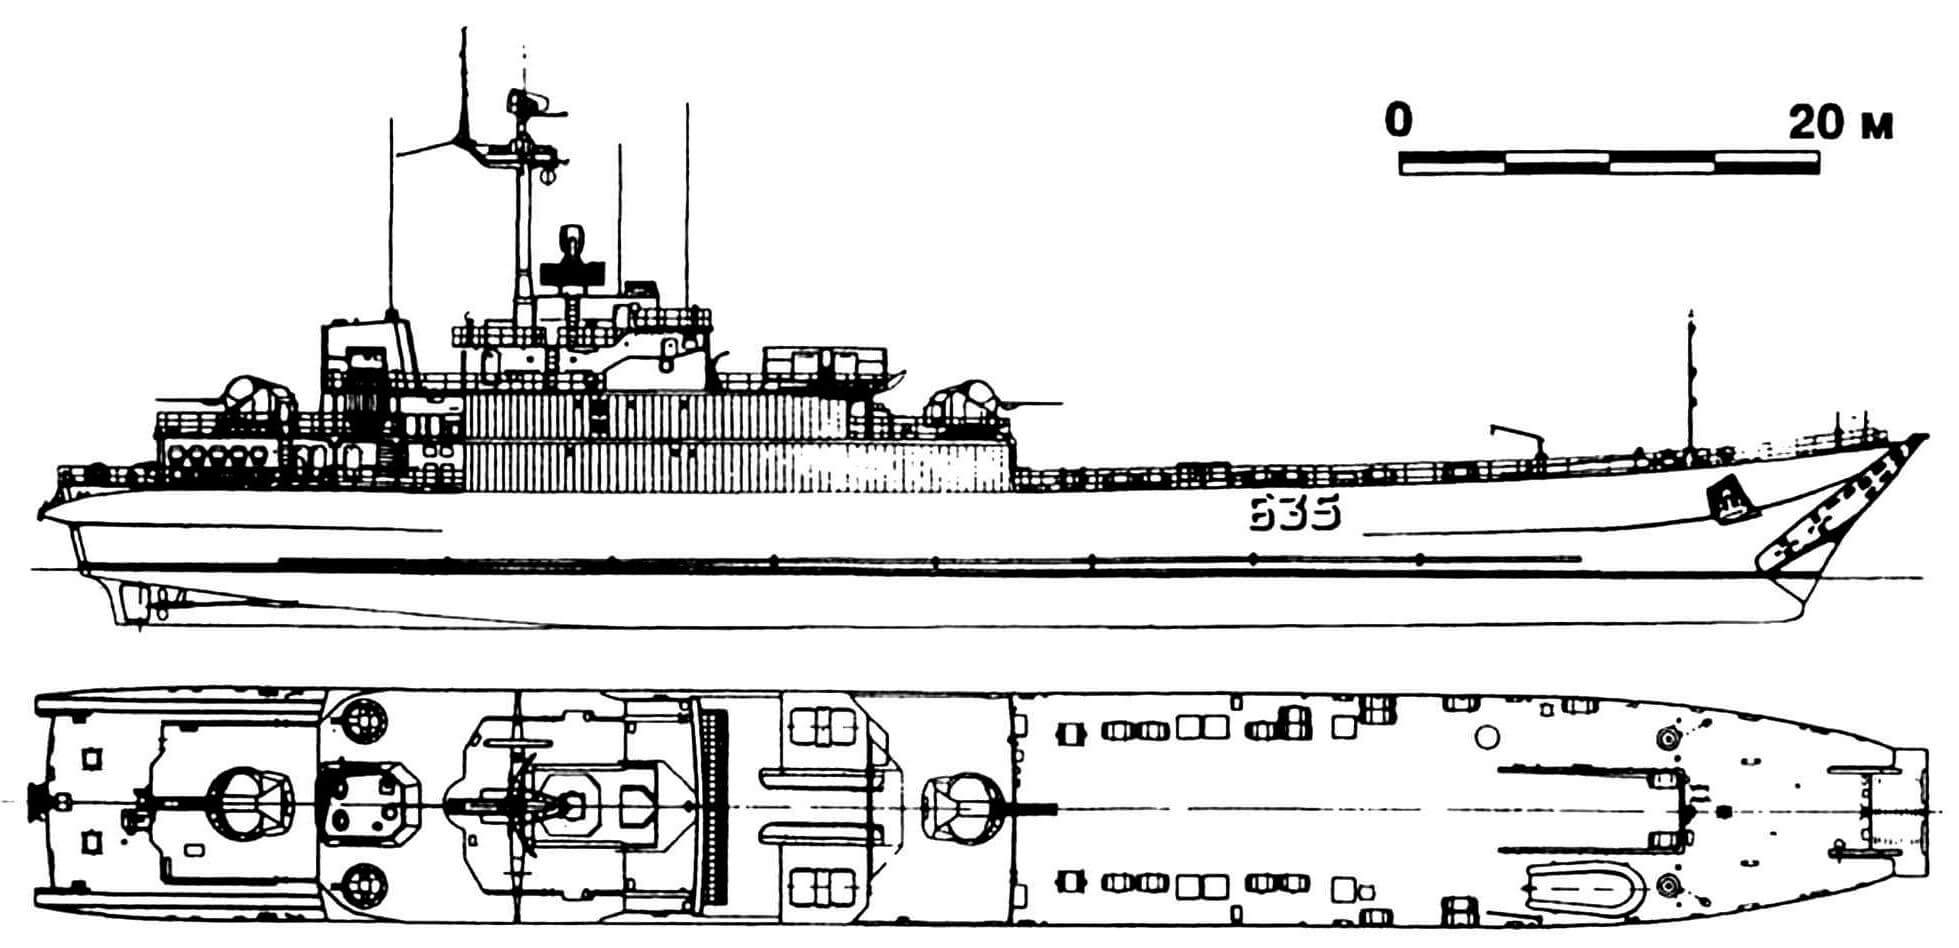 50. Средний десантный корабль «Коттбус» (тип «Фрош»), ГДР, 1975 г. Водоизмещение стандартное 1950 т, полное 4000 т. Длина 91,0 м, ширина 11,0 м, осадка 2,8 м. Два дизеля общей мощностью 9500 л.с., скорость 18 узлов. Вооружение: четыре 57-мм зенитных орудия и четыре 30-мм автомата, два РБУ. Вместимость: 12 — 14 танков или 650 т груза. Всего в 1975 — 1979 годах построено 10 единиц.